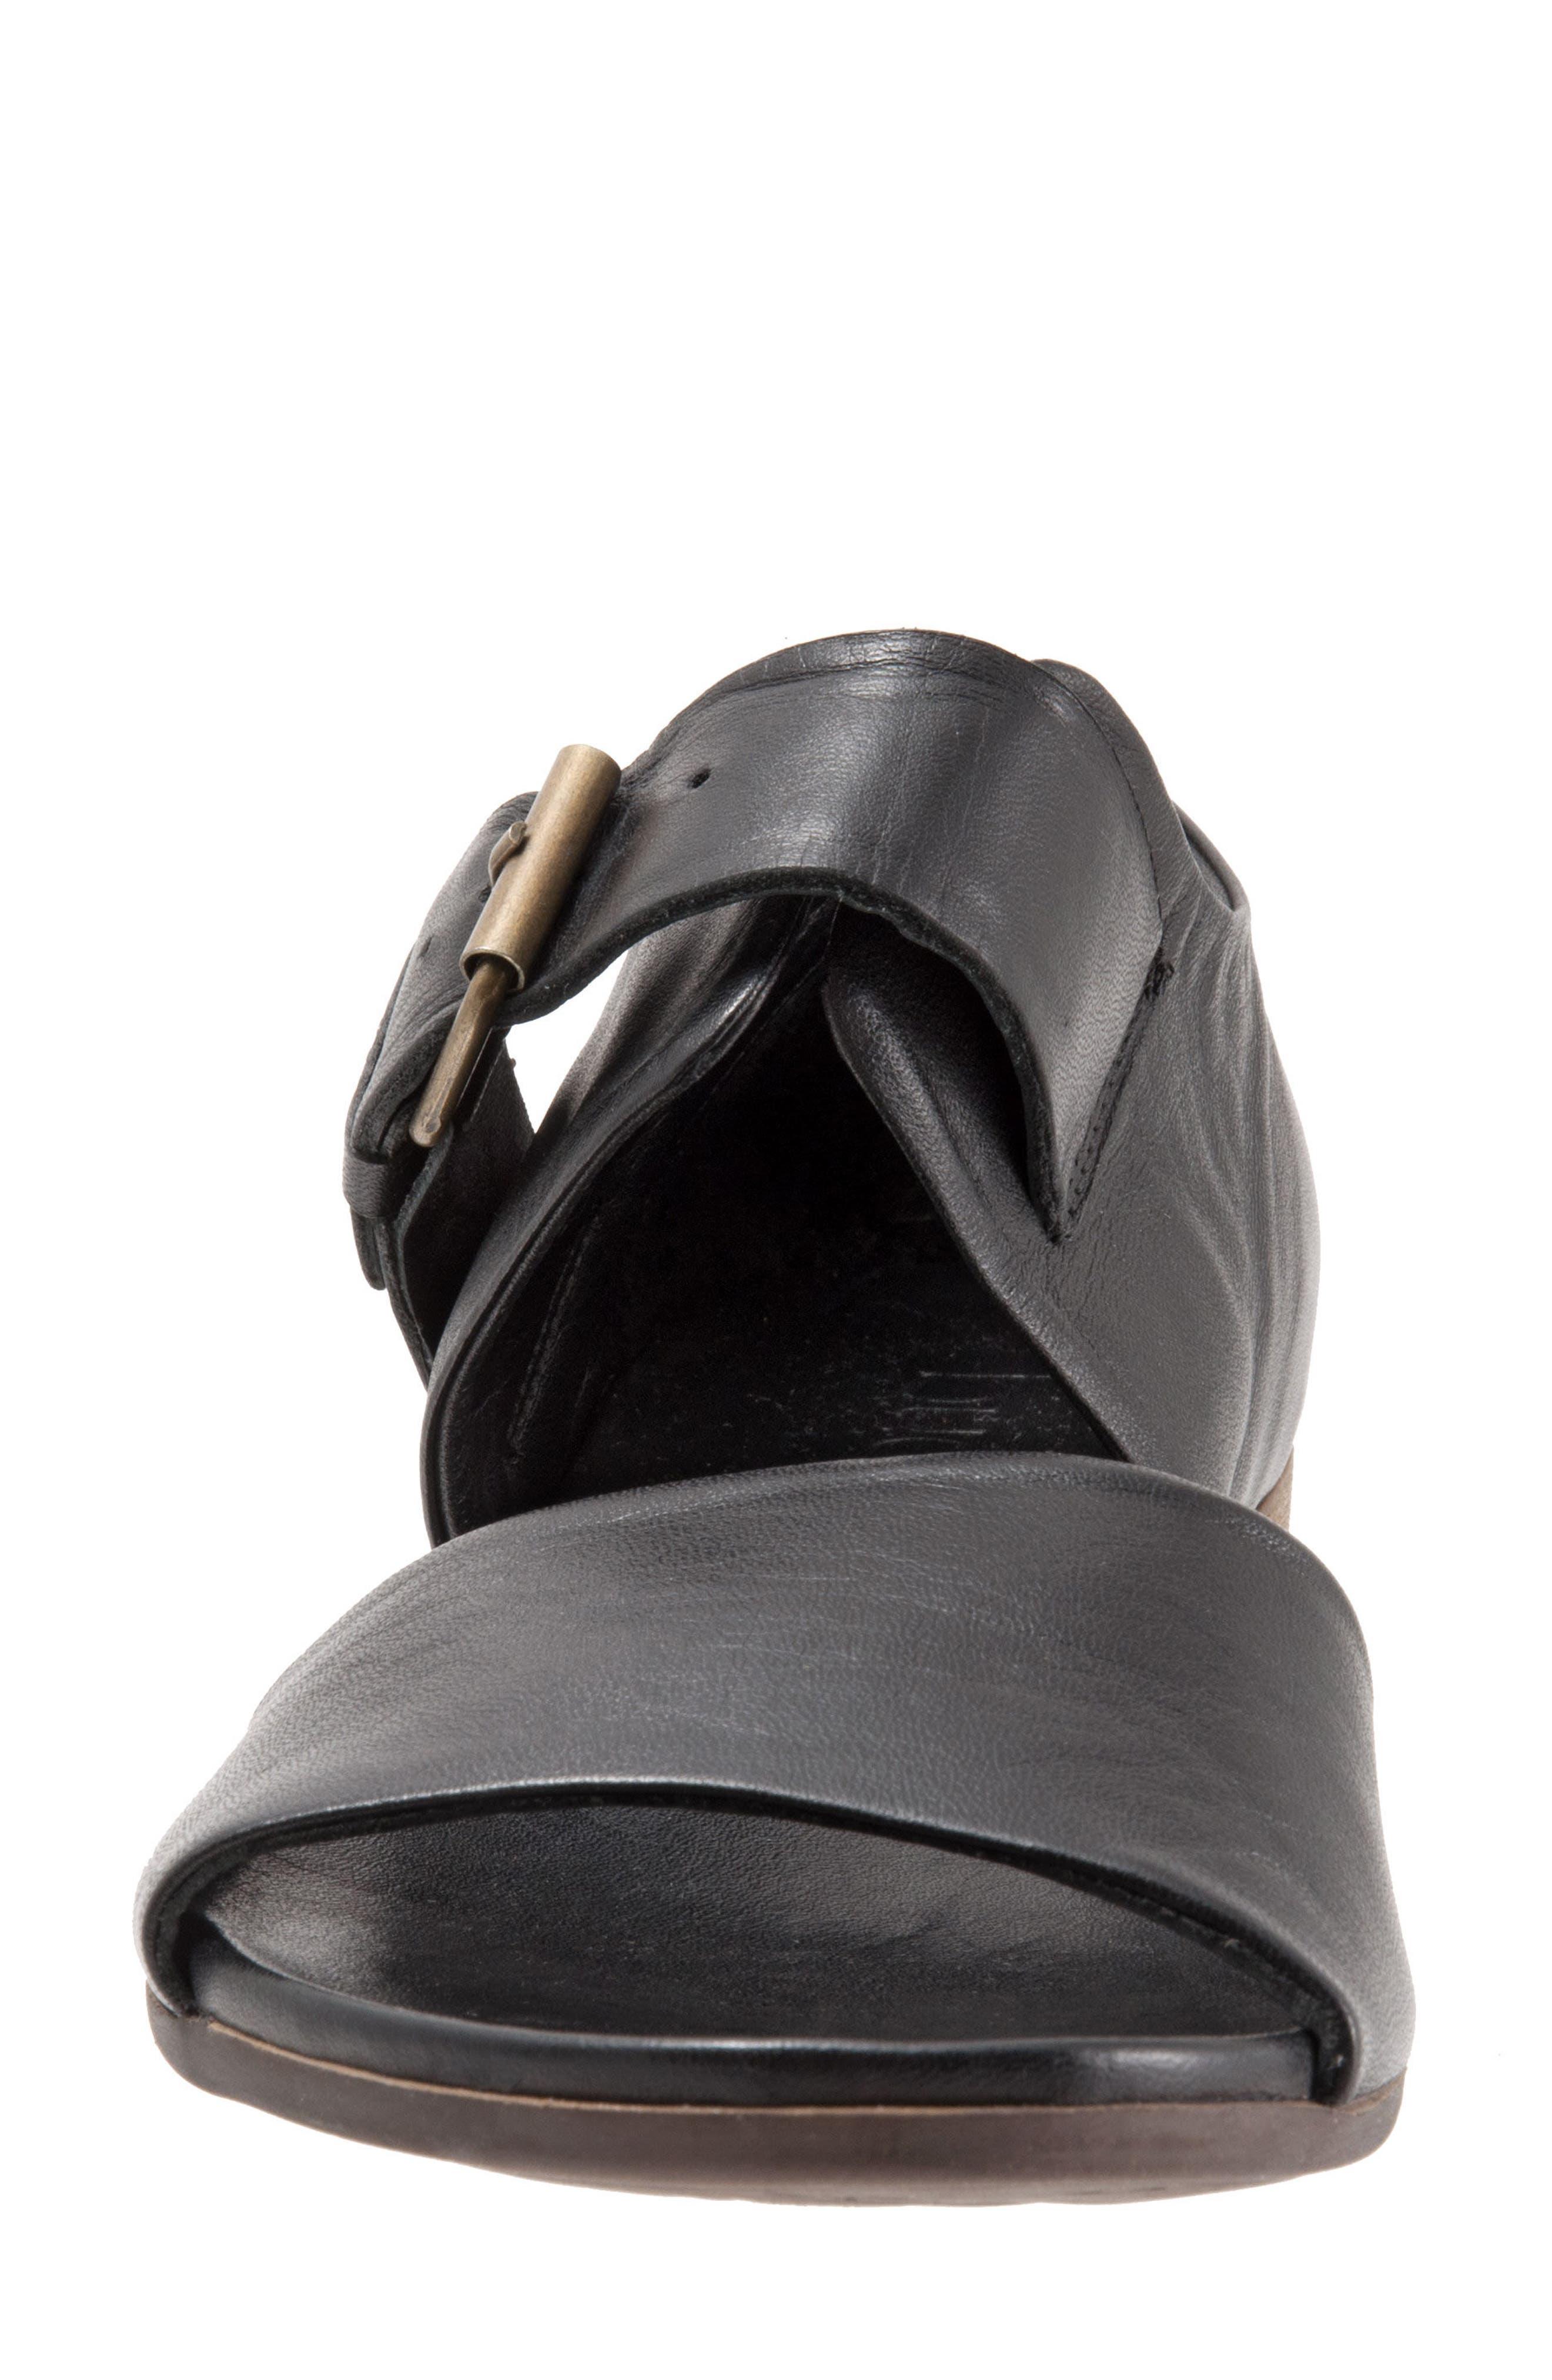 Talia Sandal,                             Alternate thumbnail 5, color,                             Black Leather